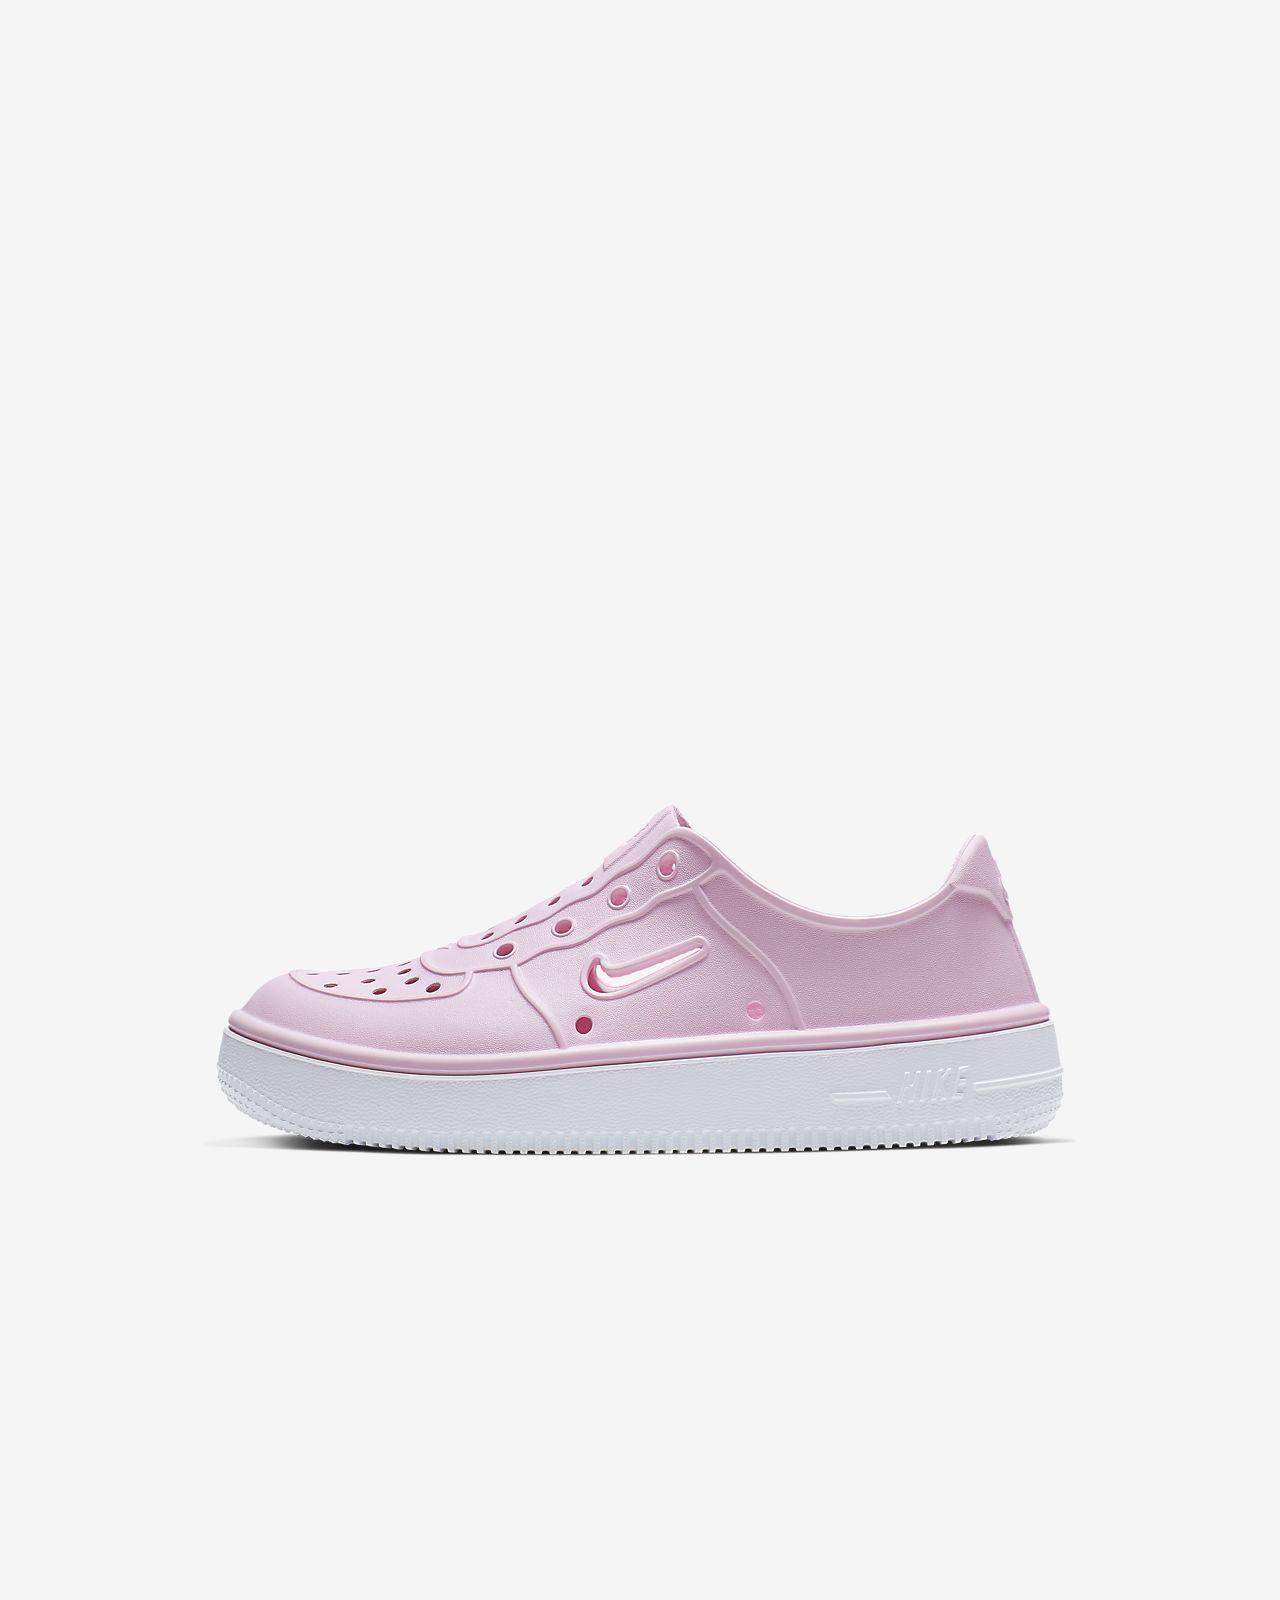 Buty dla małych dzieci Nike Foam Force 1